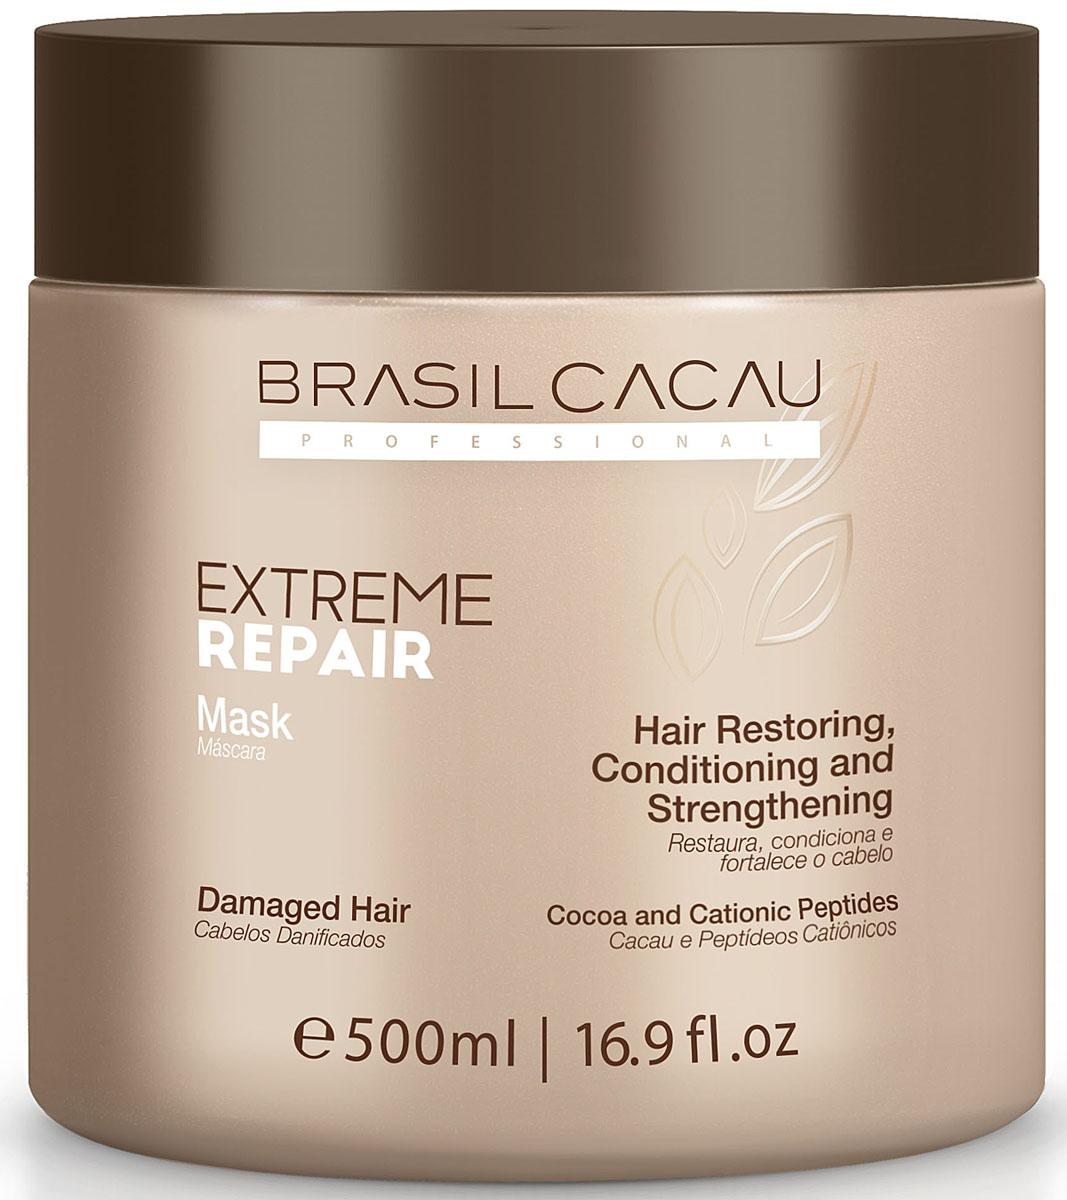 Brasil Cacau Маска Extreme Repair 500 мл12564Интенсивно восстанавливает структуру волоса, питает и запечатывает кутикулу, снижая пористость. Работает в кутикуле и кортексе волоса, возмещает ущерб , причиненный в результате механических, химических и тепловых процессов. Катионные пептиды образуют защитный слой вокруг волокна ,увеличивая прочность, гибкость, увлажнение и блеск волос.